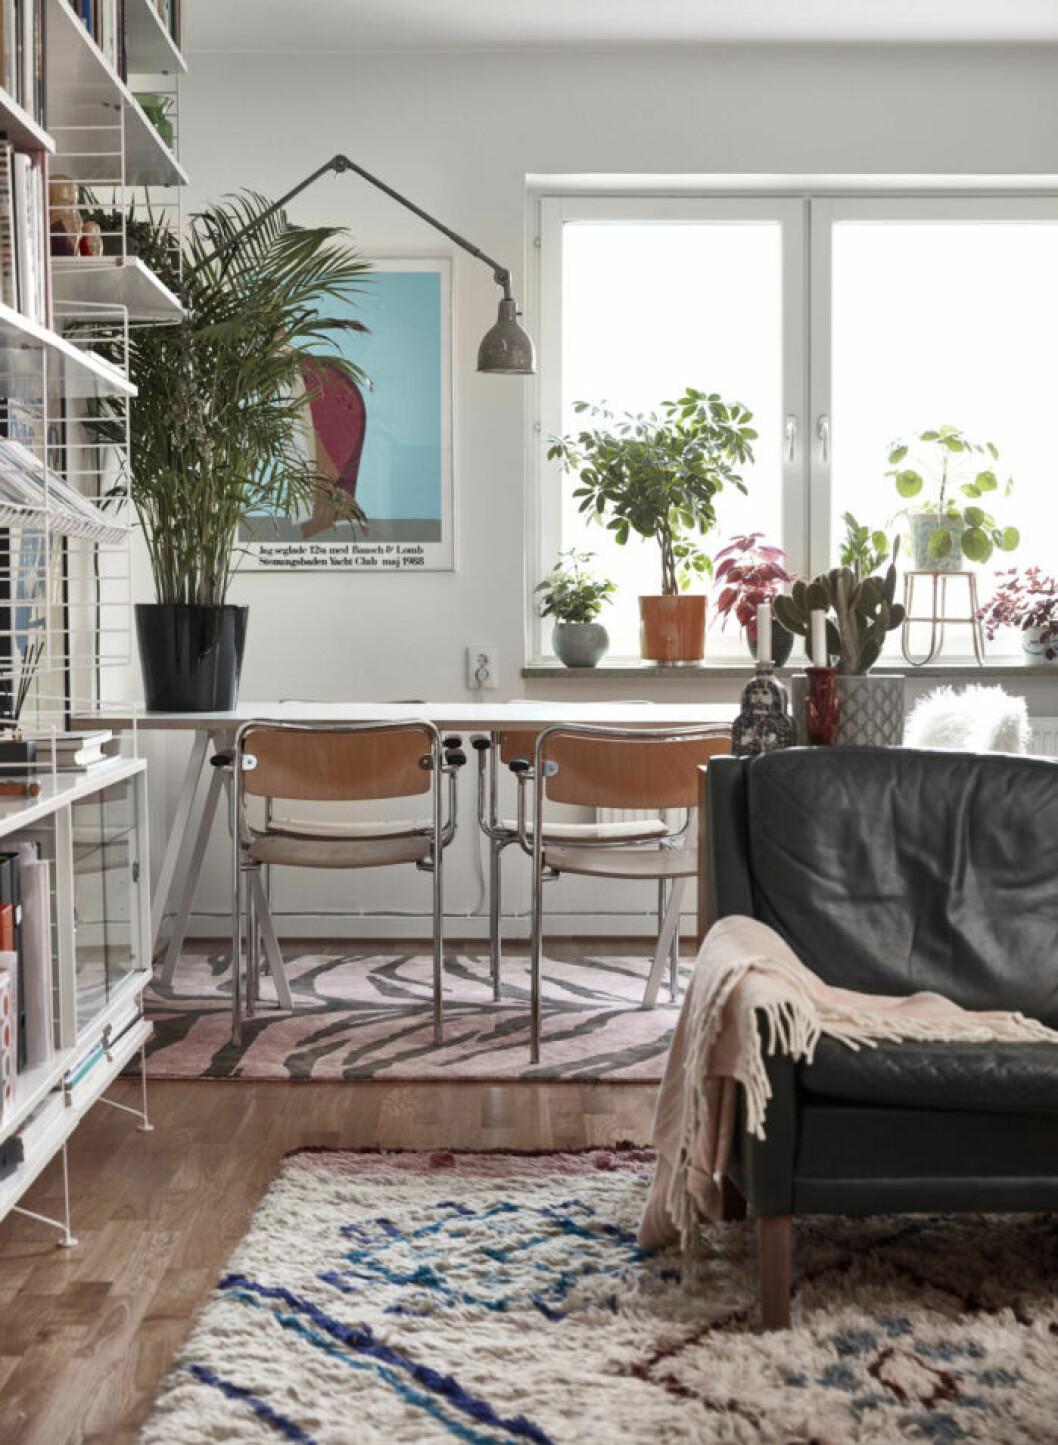 Mönstrade mattor och bord med matchande trästolar i hörnet av vardagsrummet